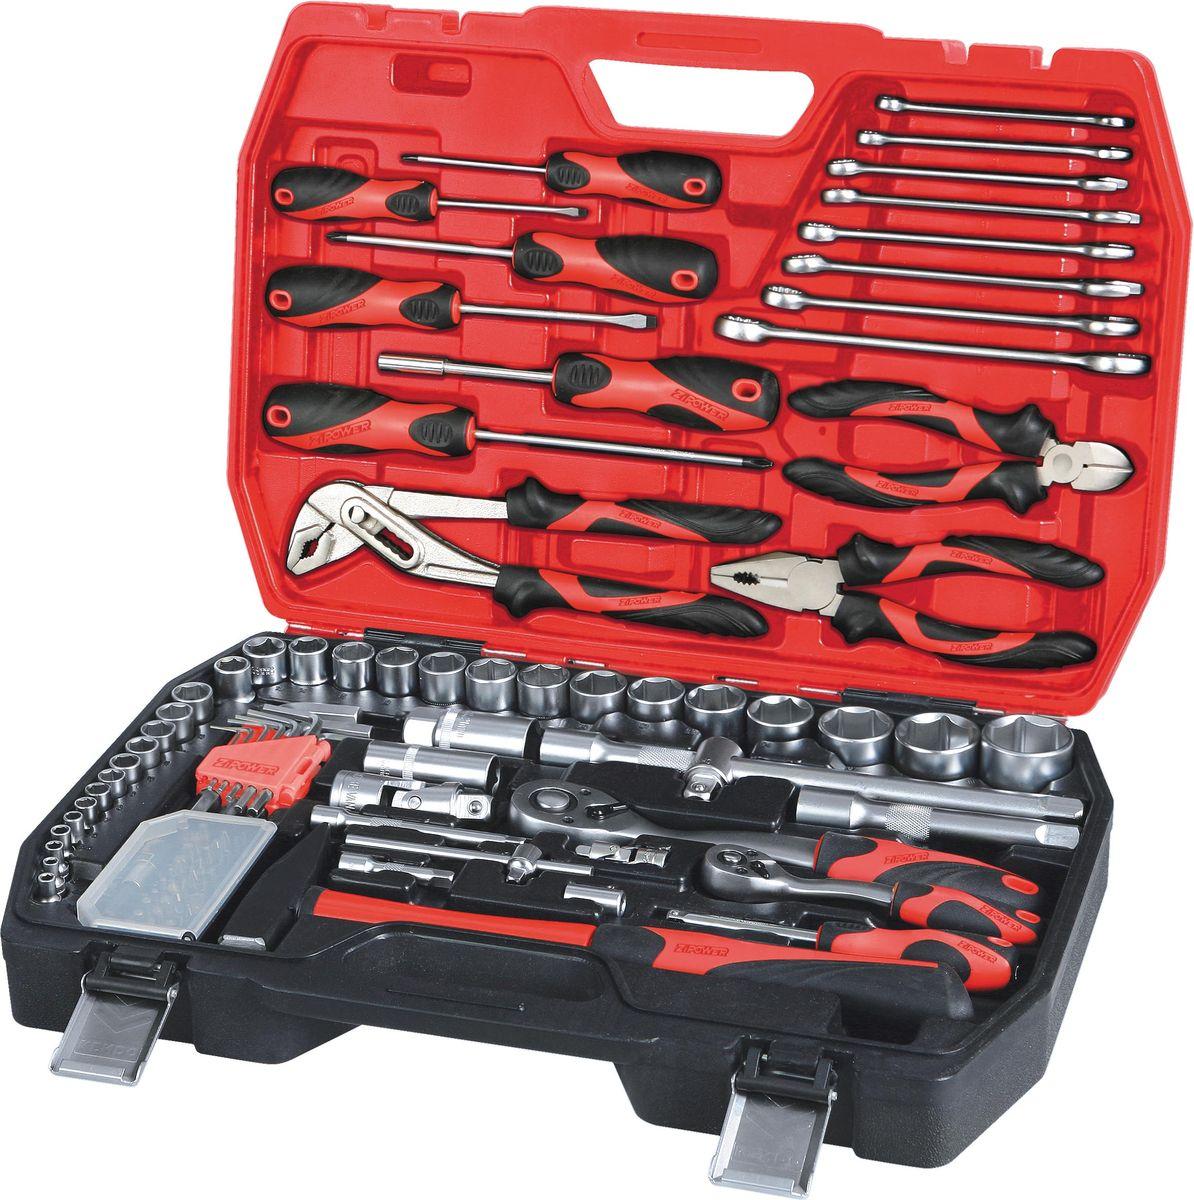 Набор инструментов Zipower, 101 предмет. PM 4111PM 4111Идеально подходит для работы с основными видами крепежа. Магнитный битодержатель и наличие удлинителей в комплекте позволяют упростить работу с труднодоступными крепежами. В комплекте: шестигранные торцевые головки с битами, свечные головки, гаечные и накидные ключи, отверточная рукоятка для бит, бокорезы, комбинированные плоскогубцы, клещи переставные. Тщательно подобранный ассортимент инструмента удовлетворит запросы и начинающего автовладельца, и профессионального механика. Применение специальной технологии закалки и термической обработки хромованадиевой стали гарантирует высокую прочность инструмента, его износоустойчивость при интенсивном использовании. Двухкомпонентные рукоятки обеспечивают комфорт во время выполнения работ. Количество предметов: 101 шт. Материал инструмента: Cr-V